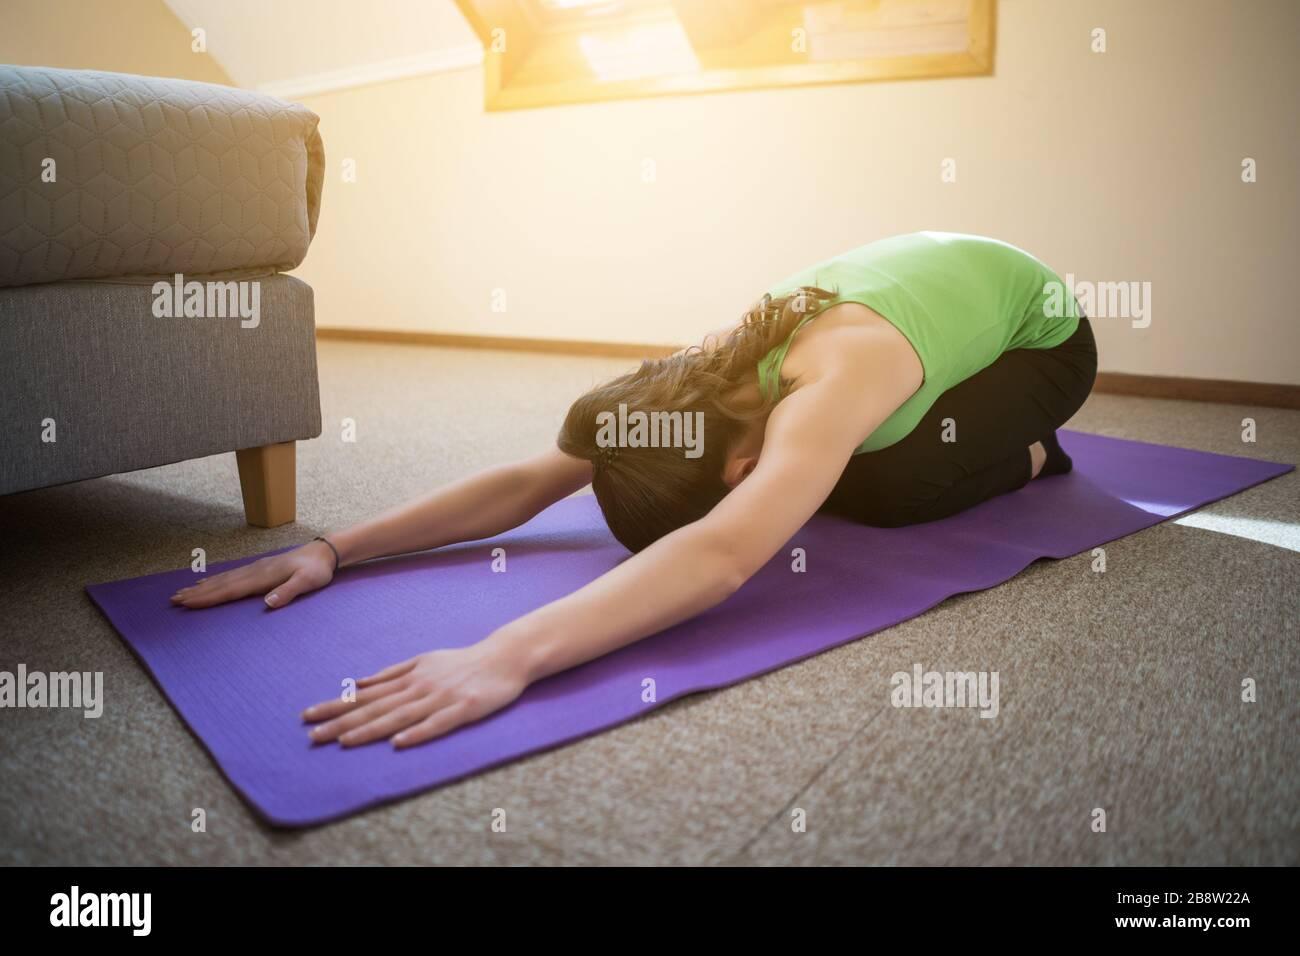 Junge Frau übt zu Hause Yoga aus. Shashankasana/Hare Pose Stockfoto